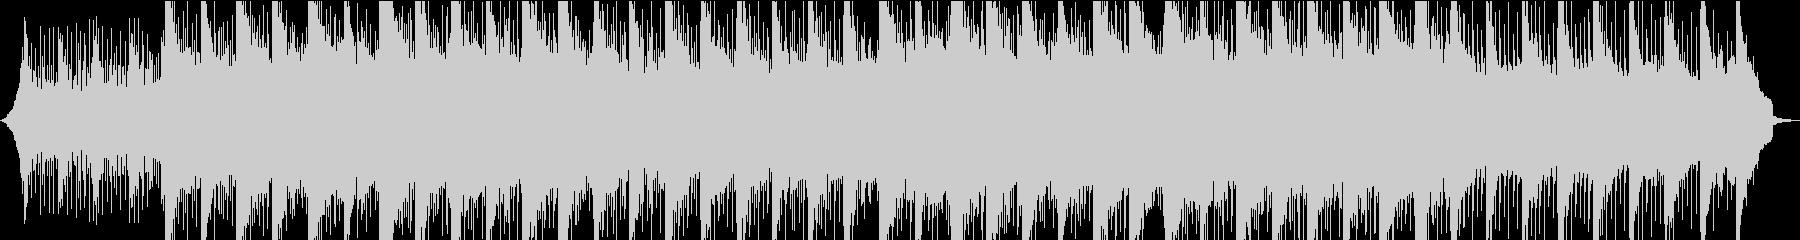 【プレゼンテーション】浮遊感とピアノの未再生の波形